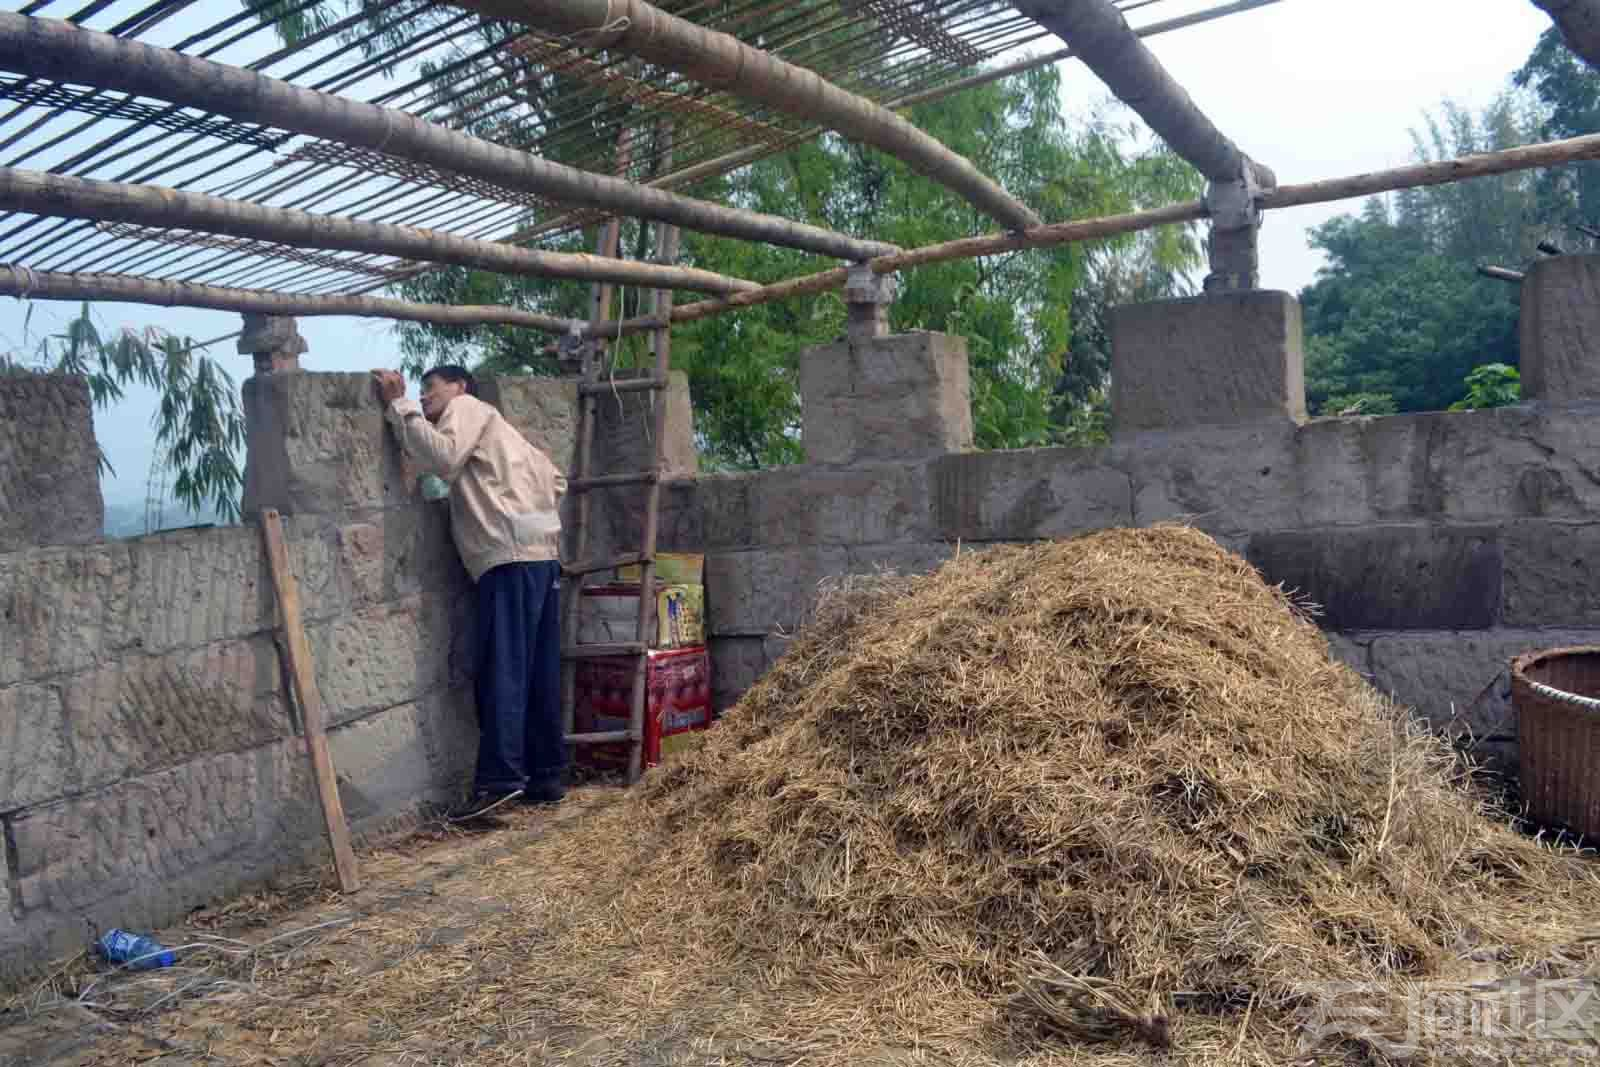 附近村民居然利用城垛,建造起私宅来享受,.jpg